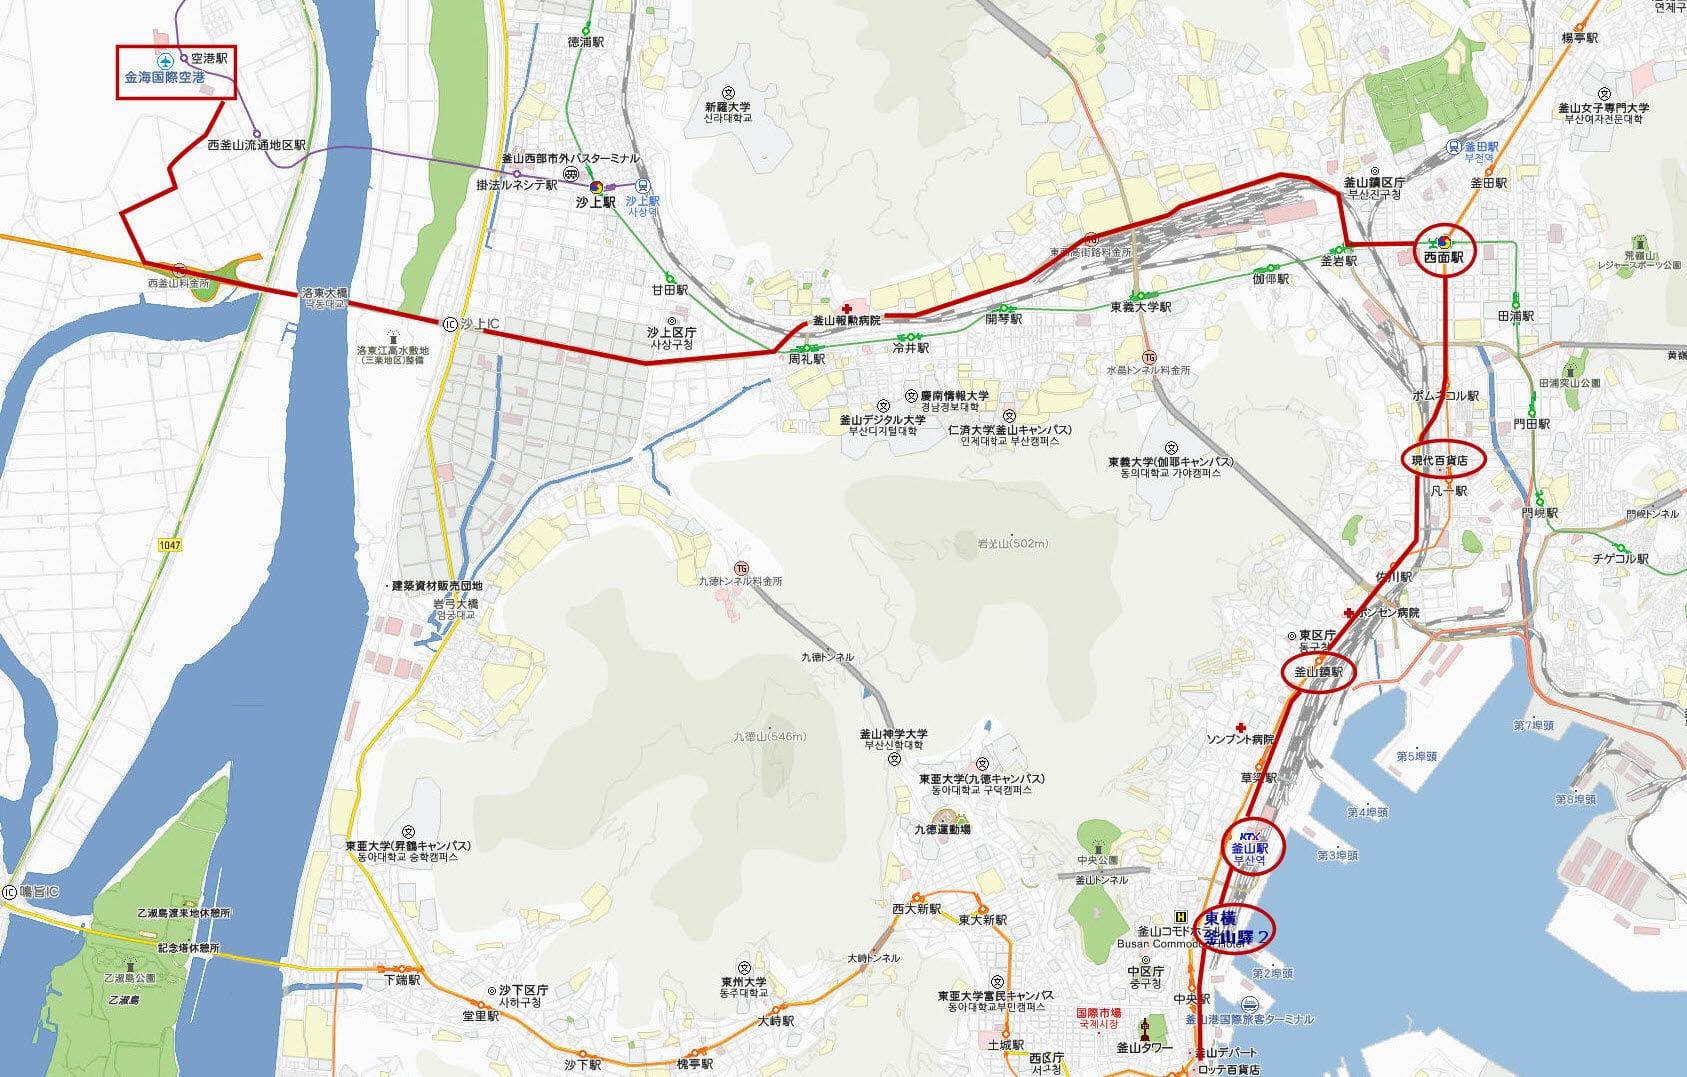 釜山金海國際機場往釜山驛站巴士路線圖